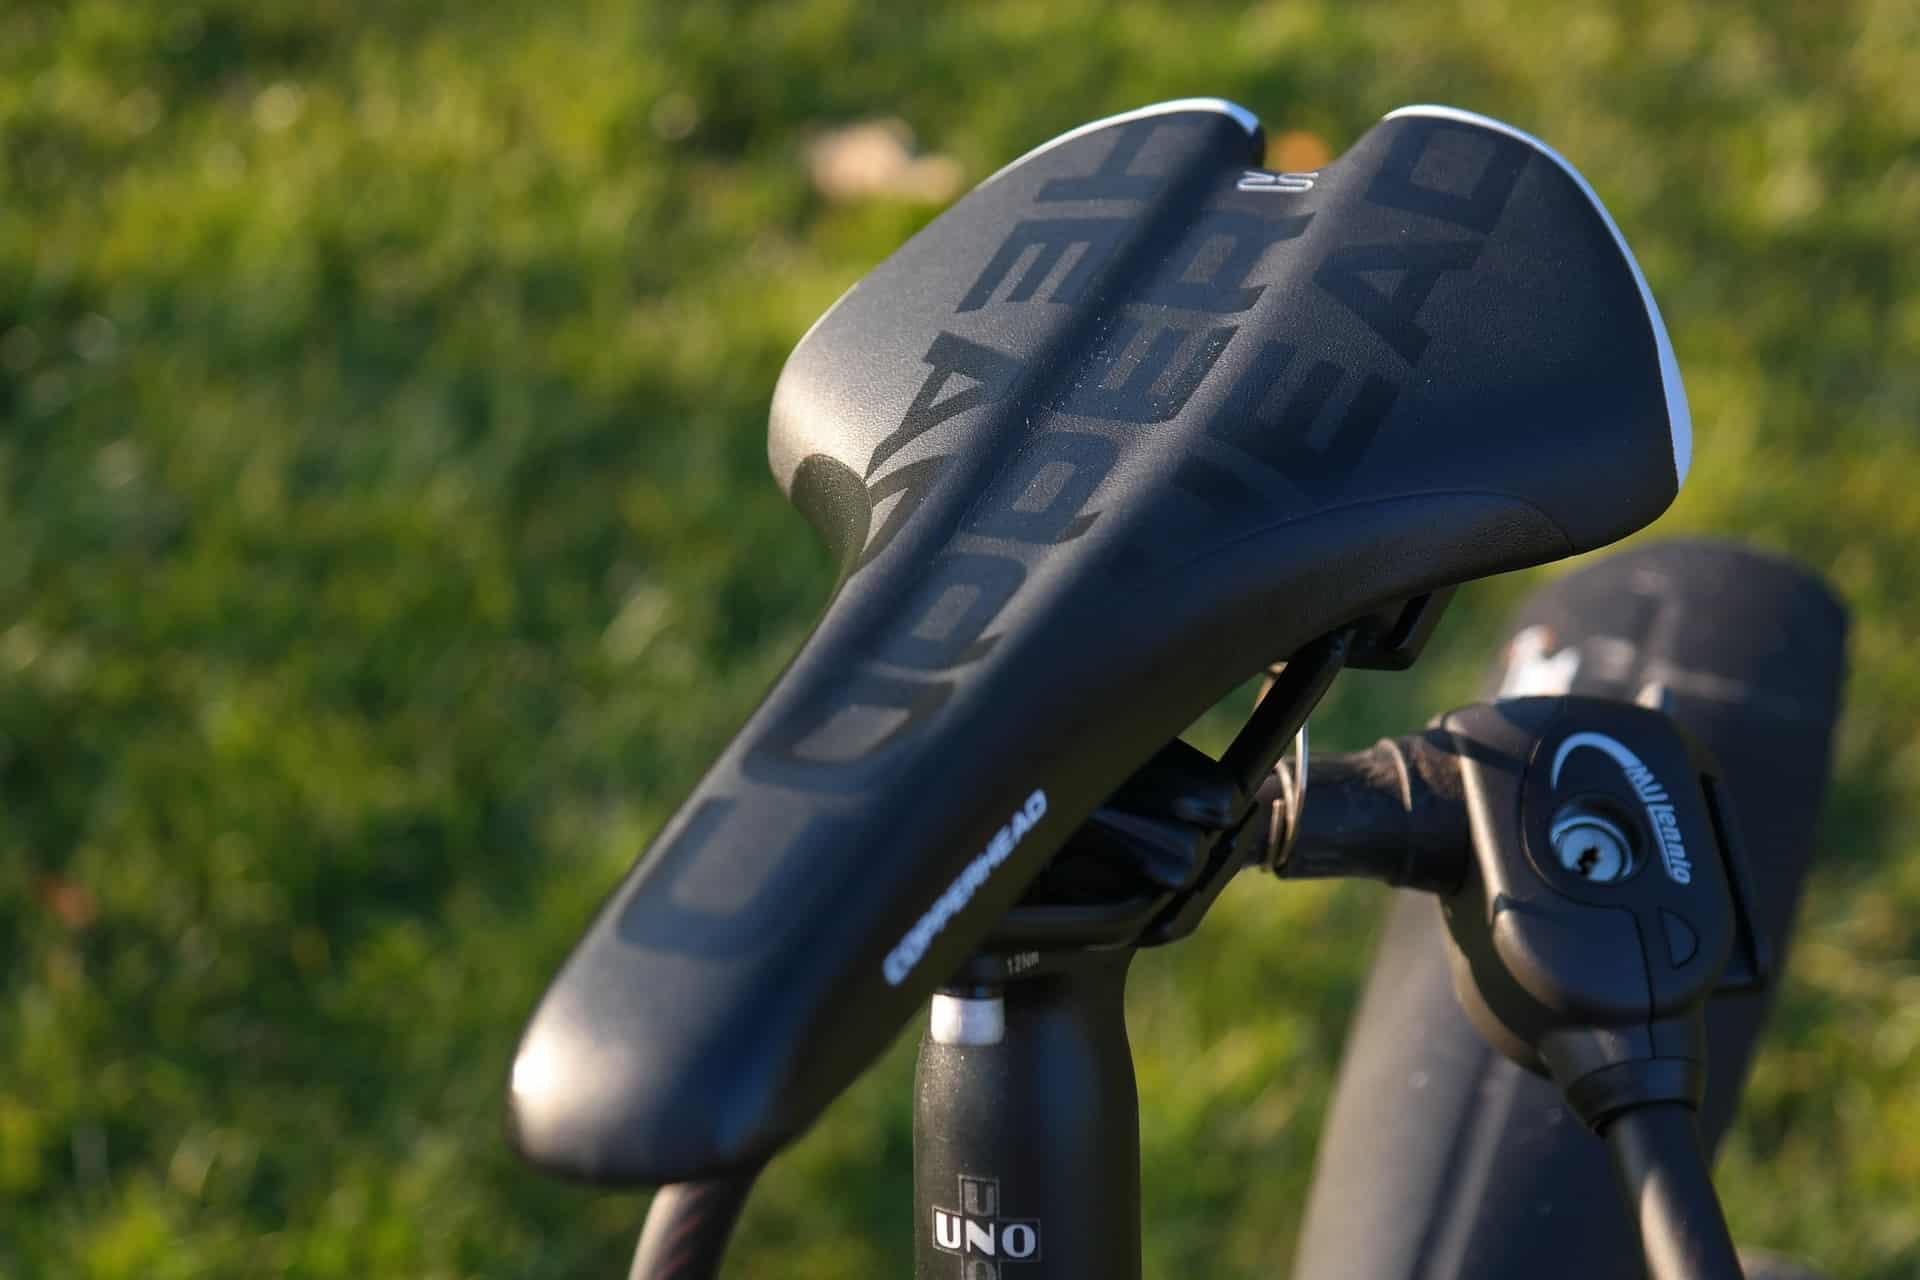 Fahrradsattel: Test & Empfehlungen (01/21)